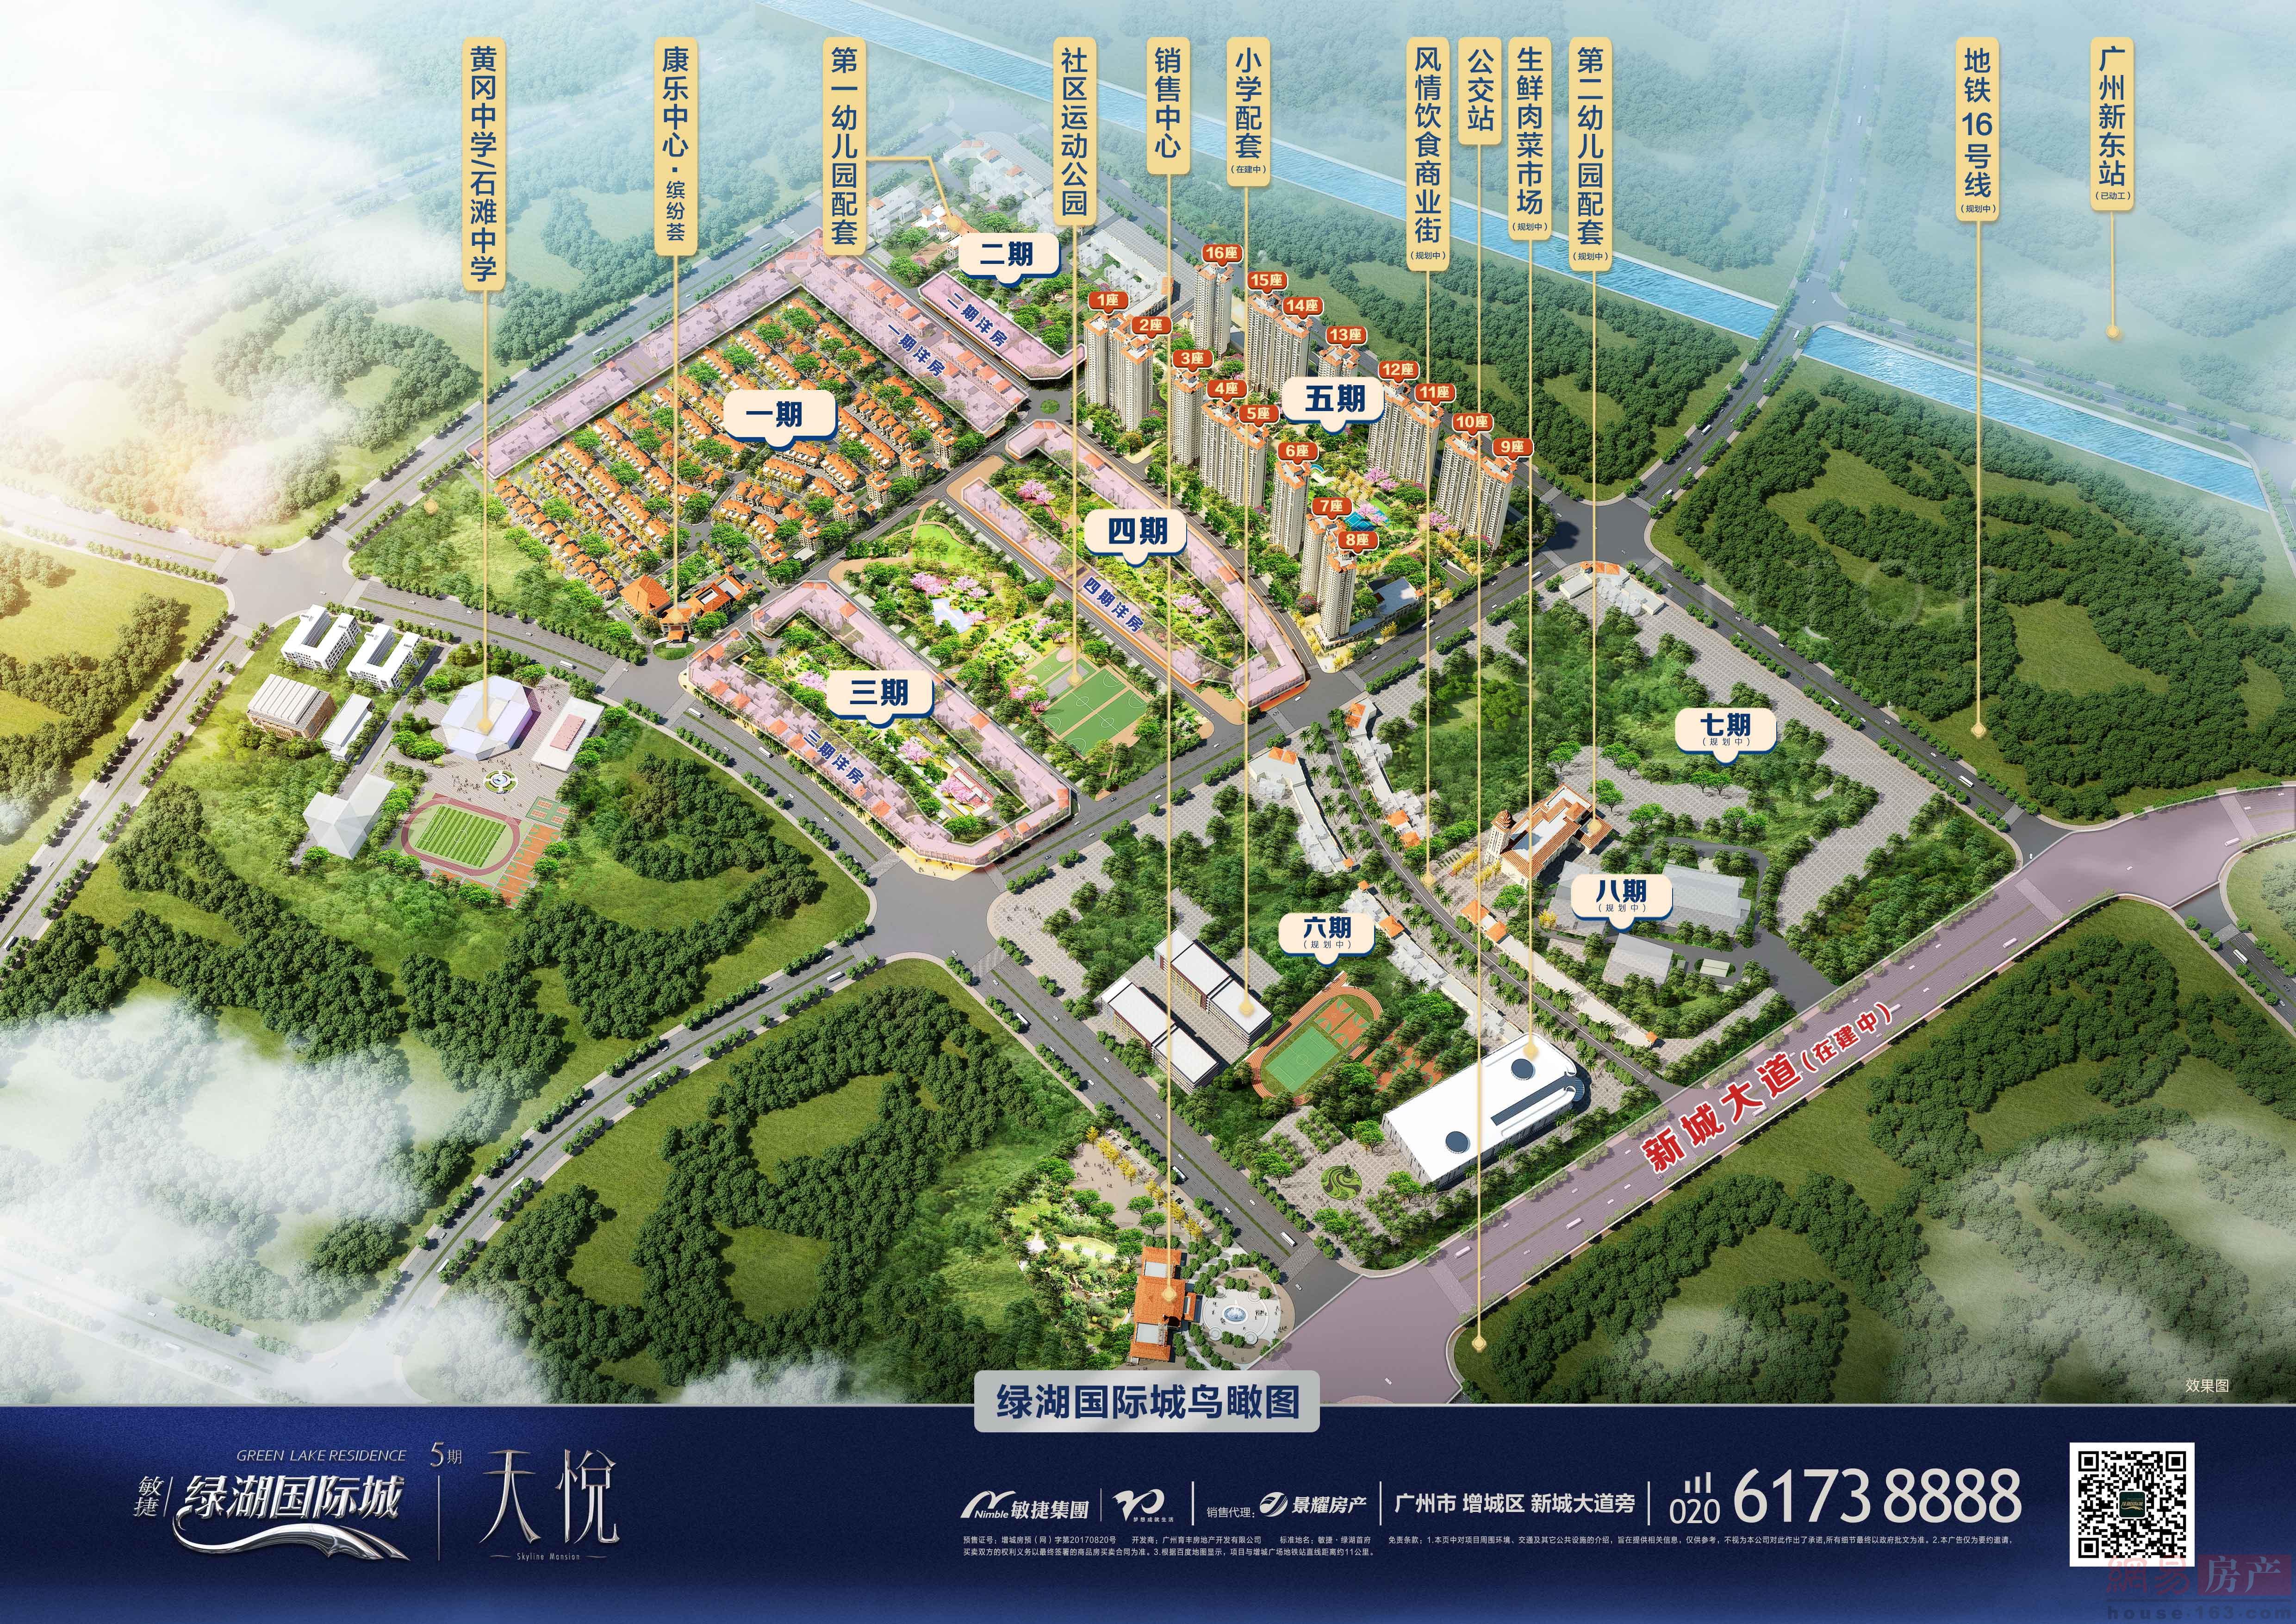 广州绿湖国际城效果图图片